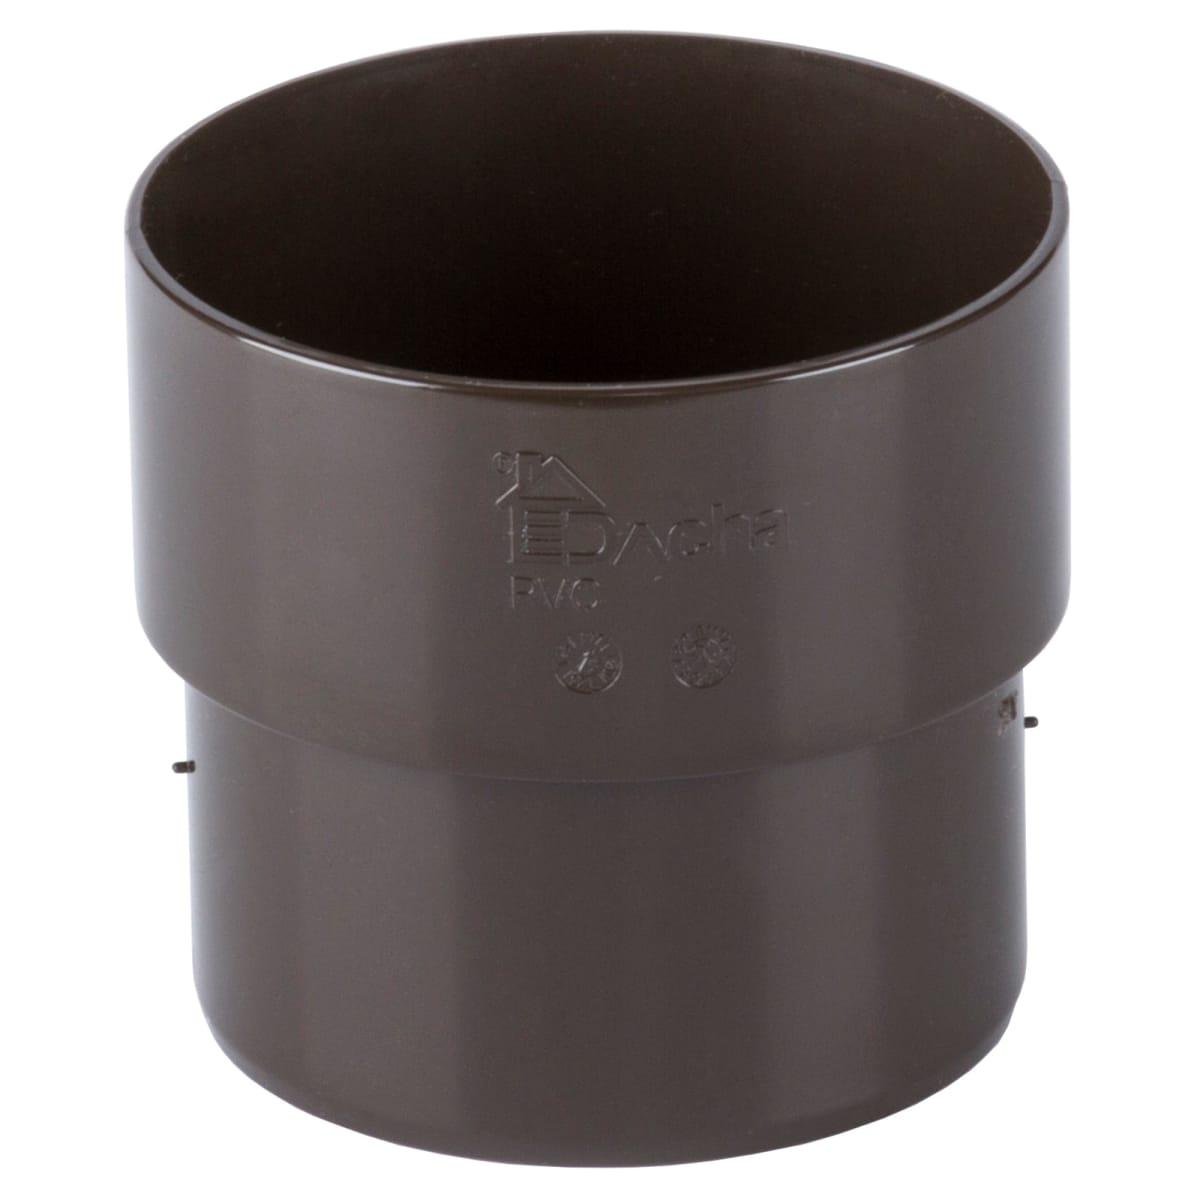 Муфта соединительная Dacha 80 мм цвет коричневый